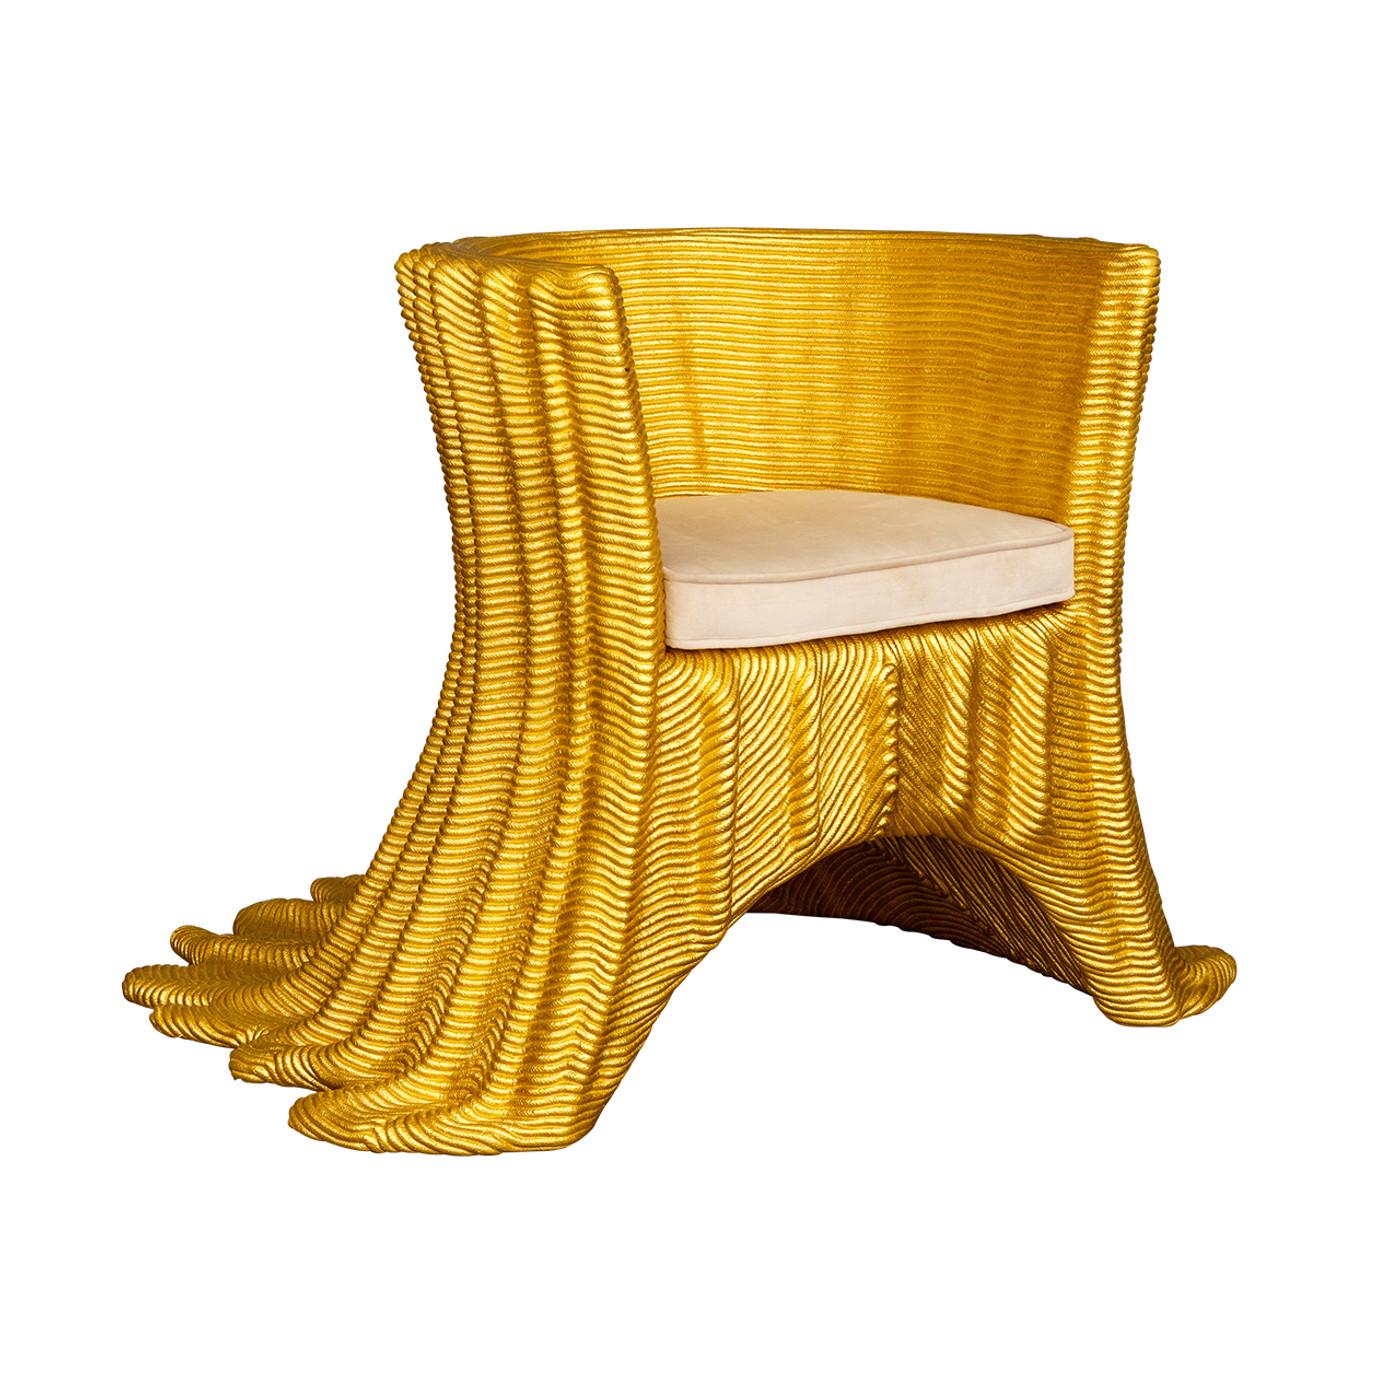 Milukan Armchair by Christian Astuguevieille